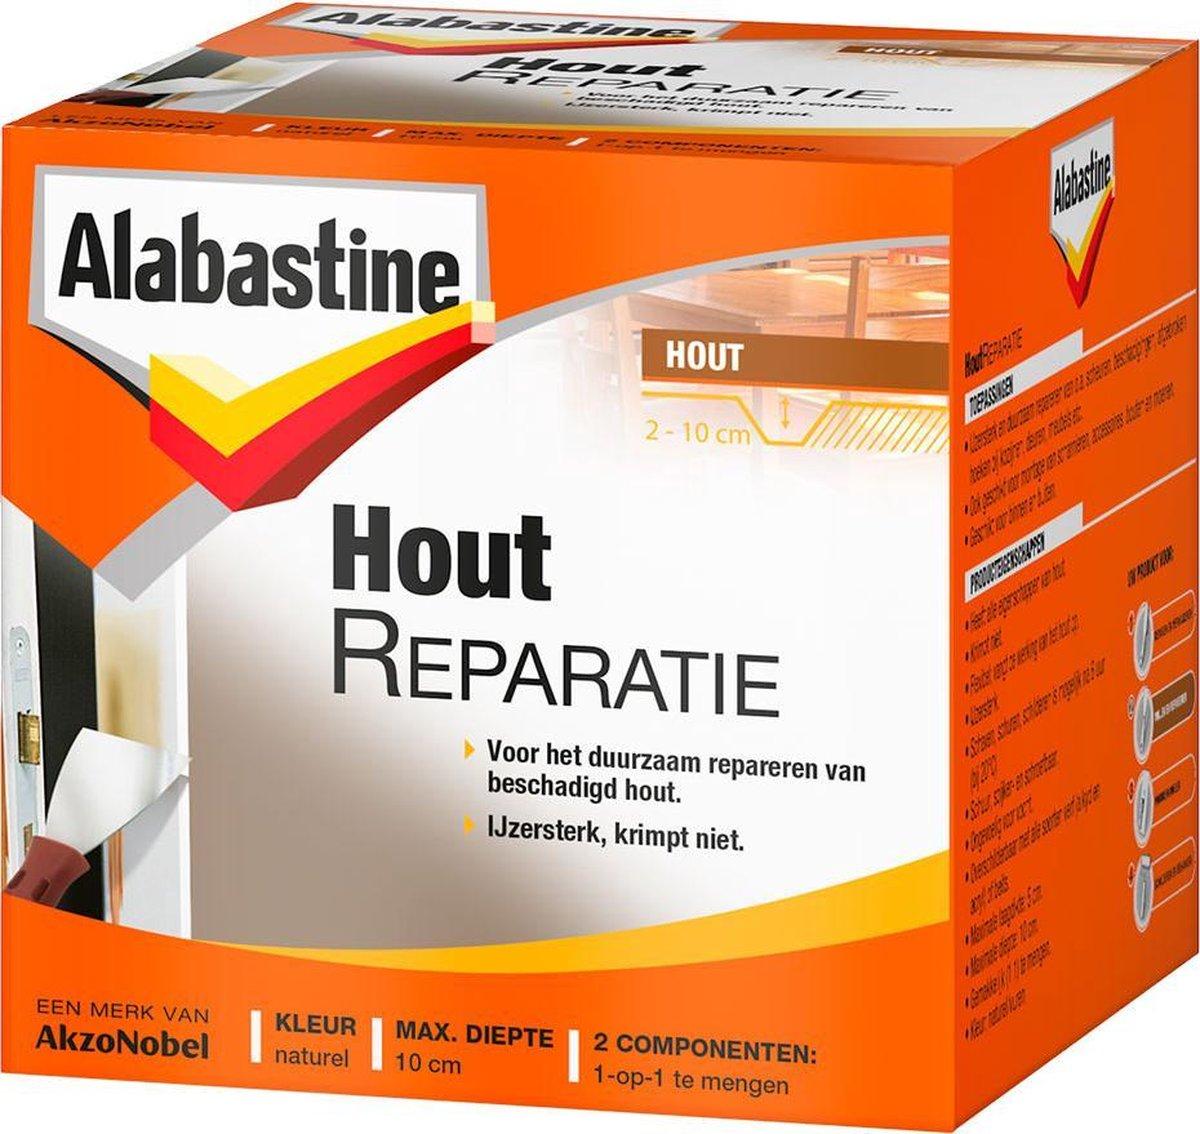 Alabastine houtreparatie - 500 gram